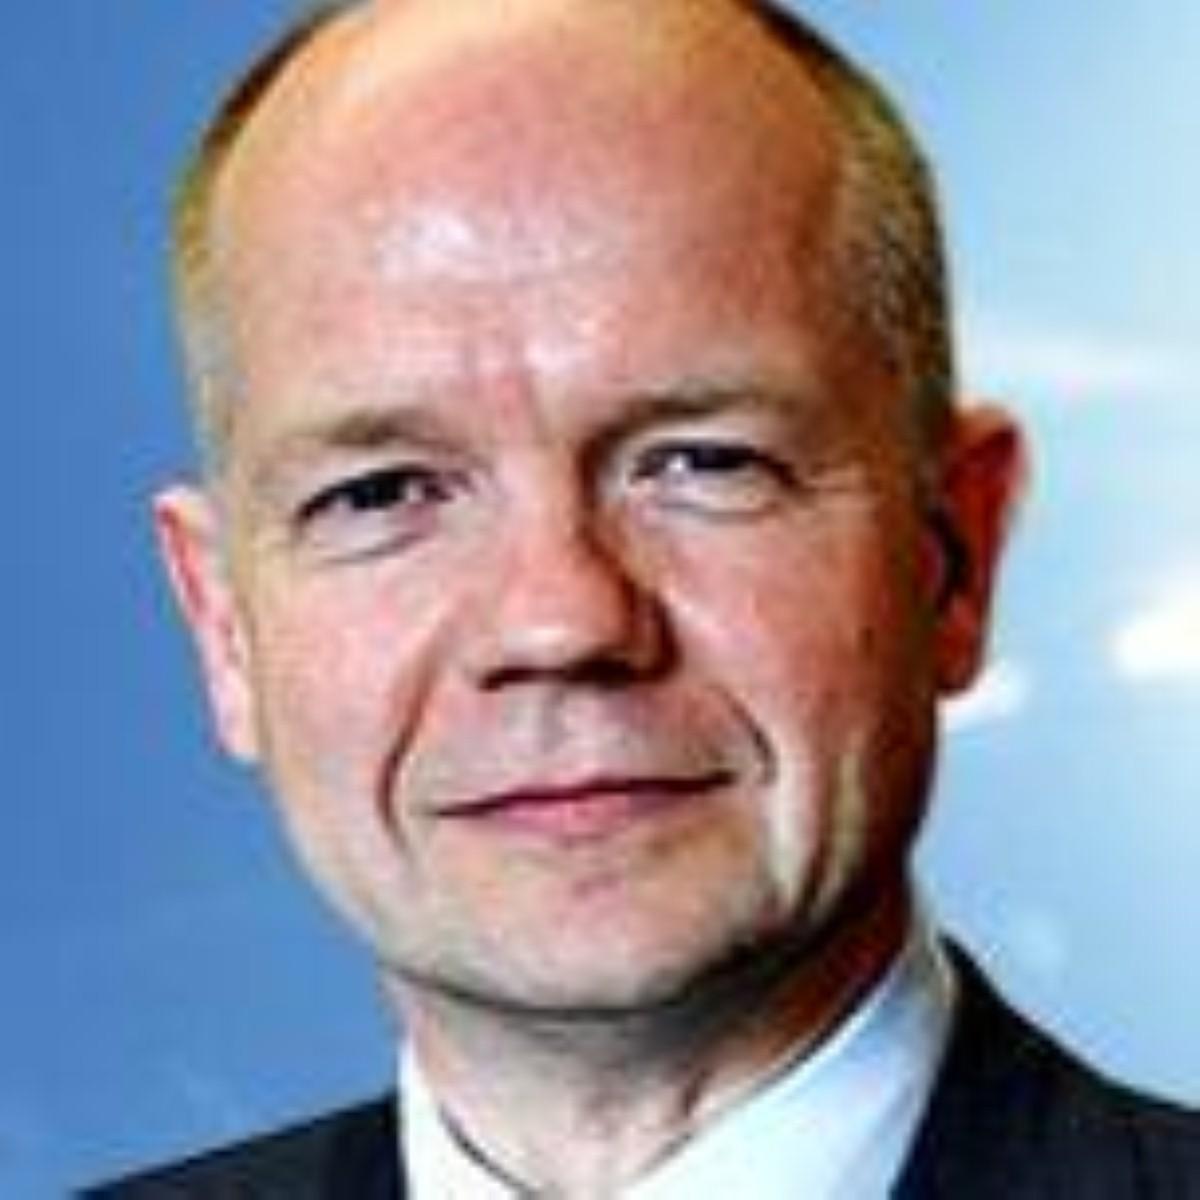 William Hague Prism statement in full